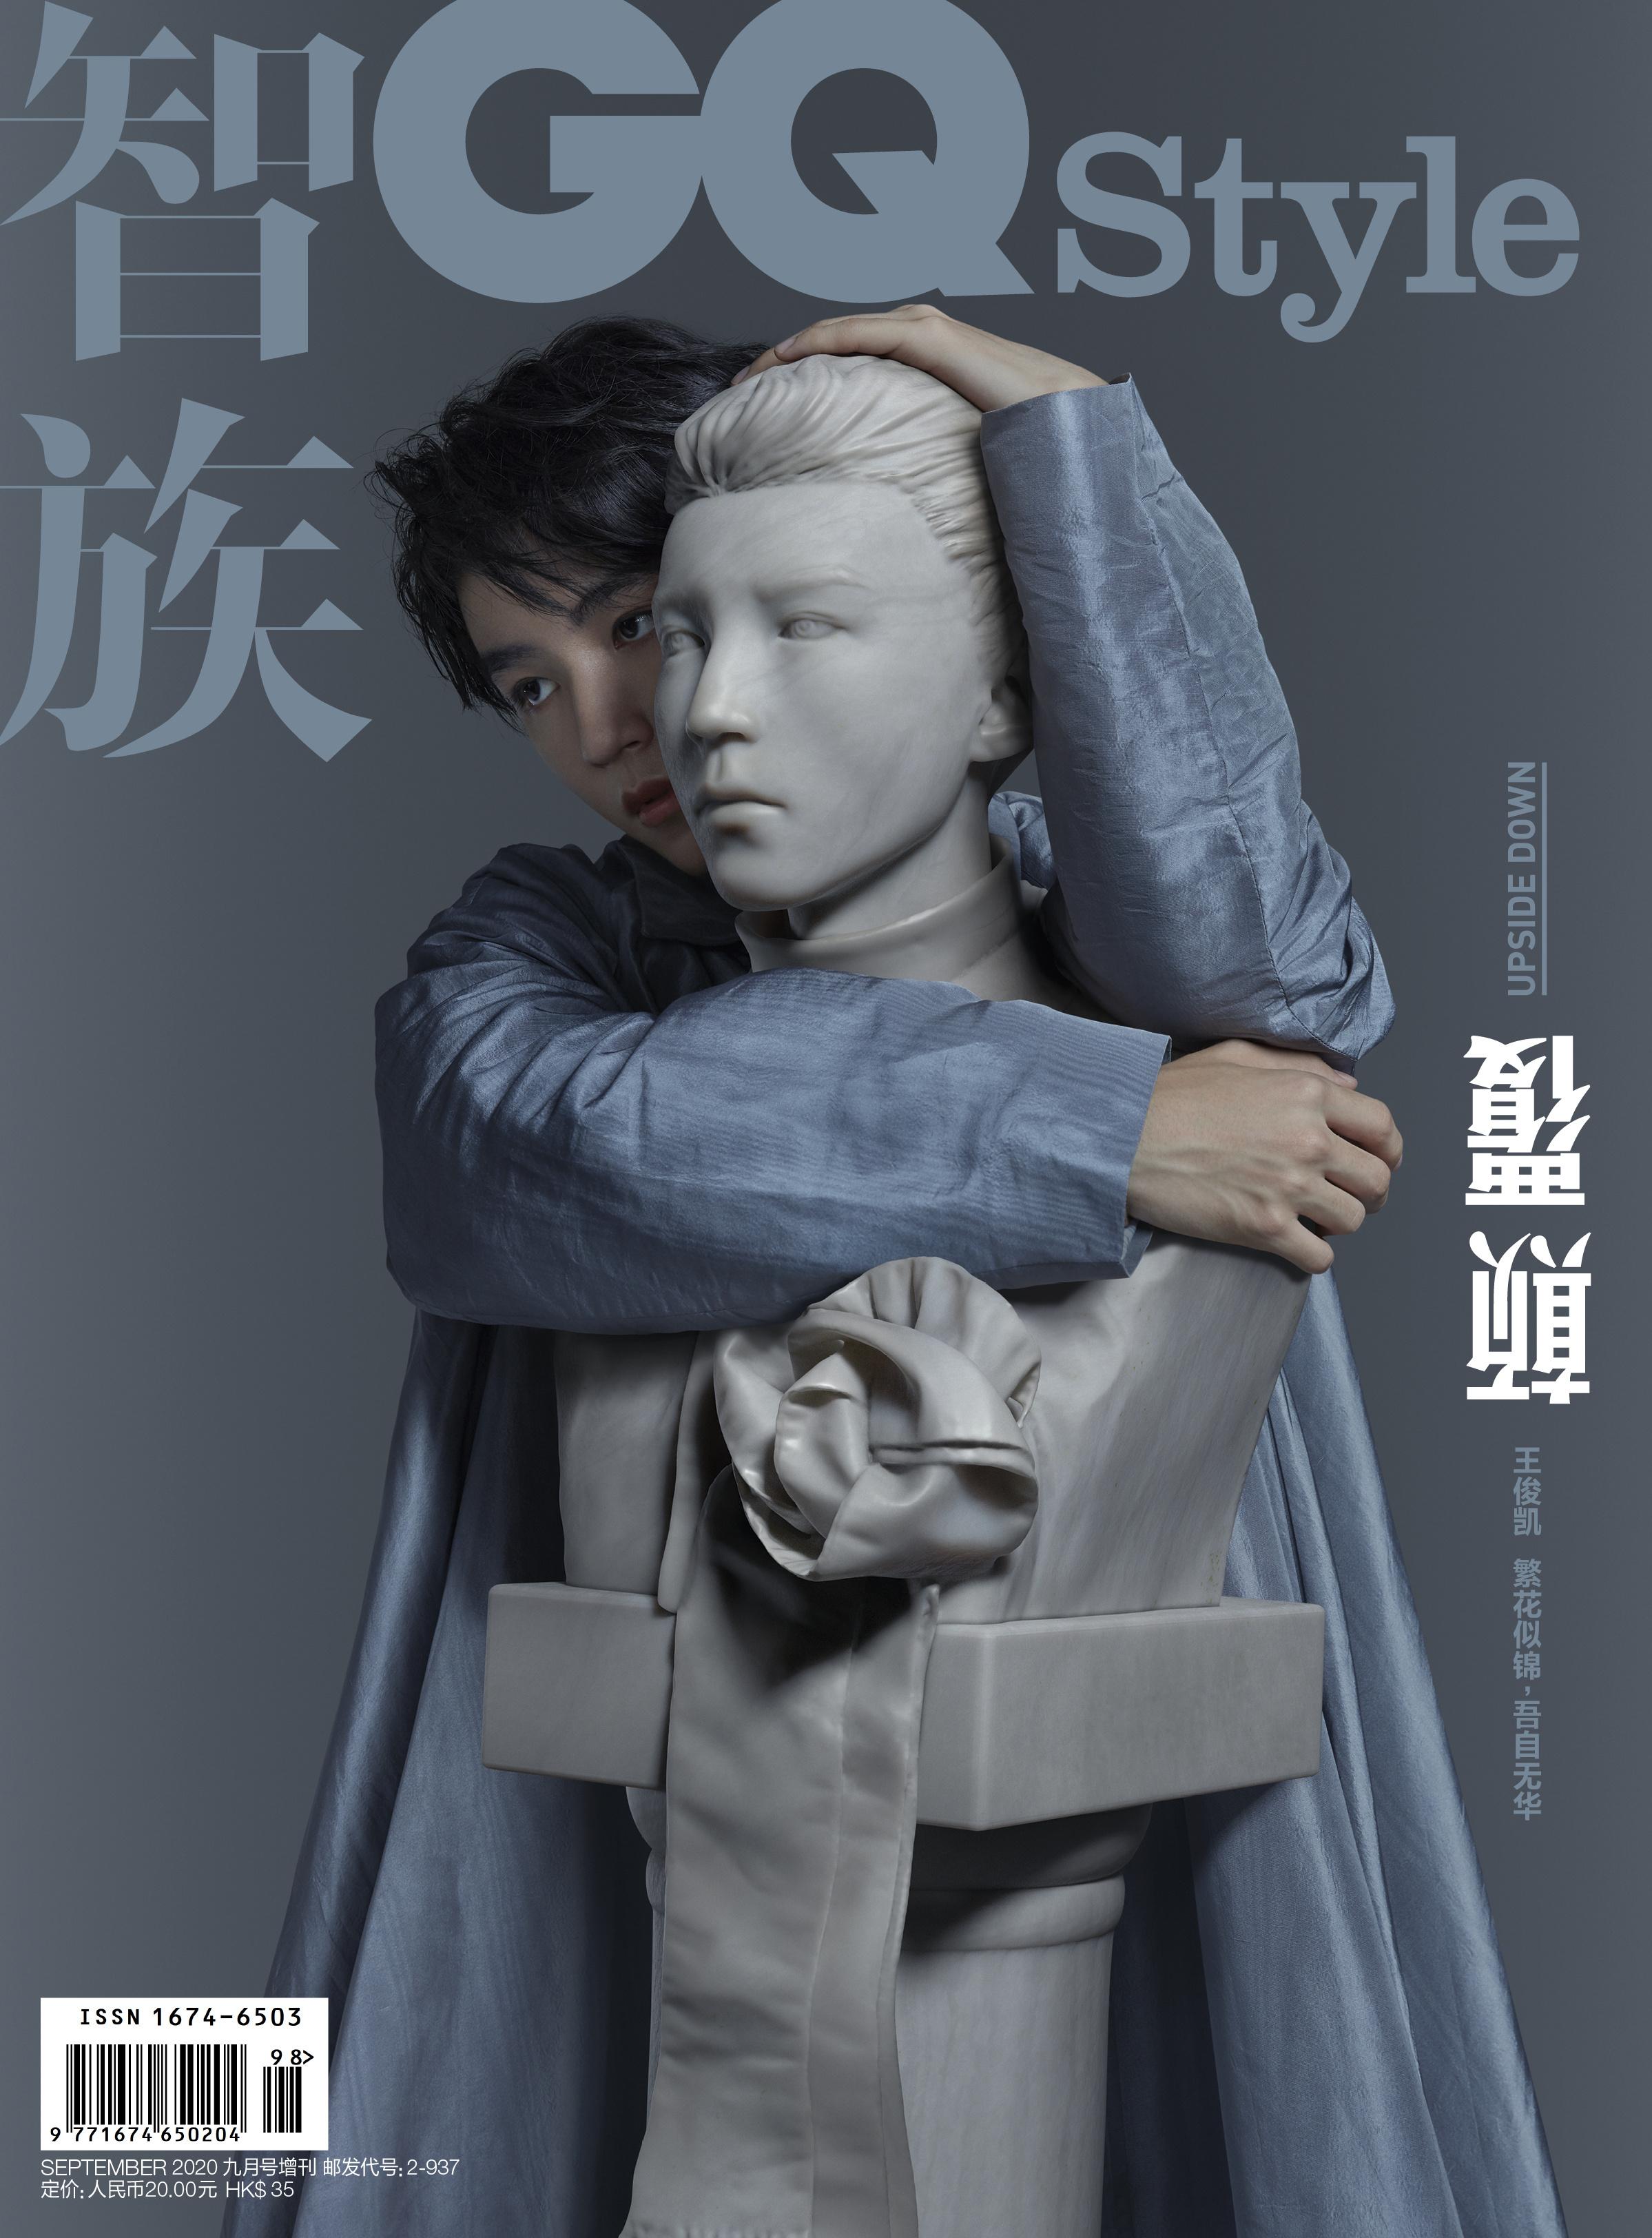 推翻!王俊凯雕塑封面大片释出 寸头造型惊艳别致